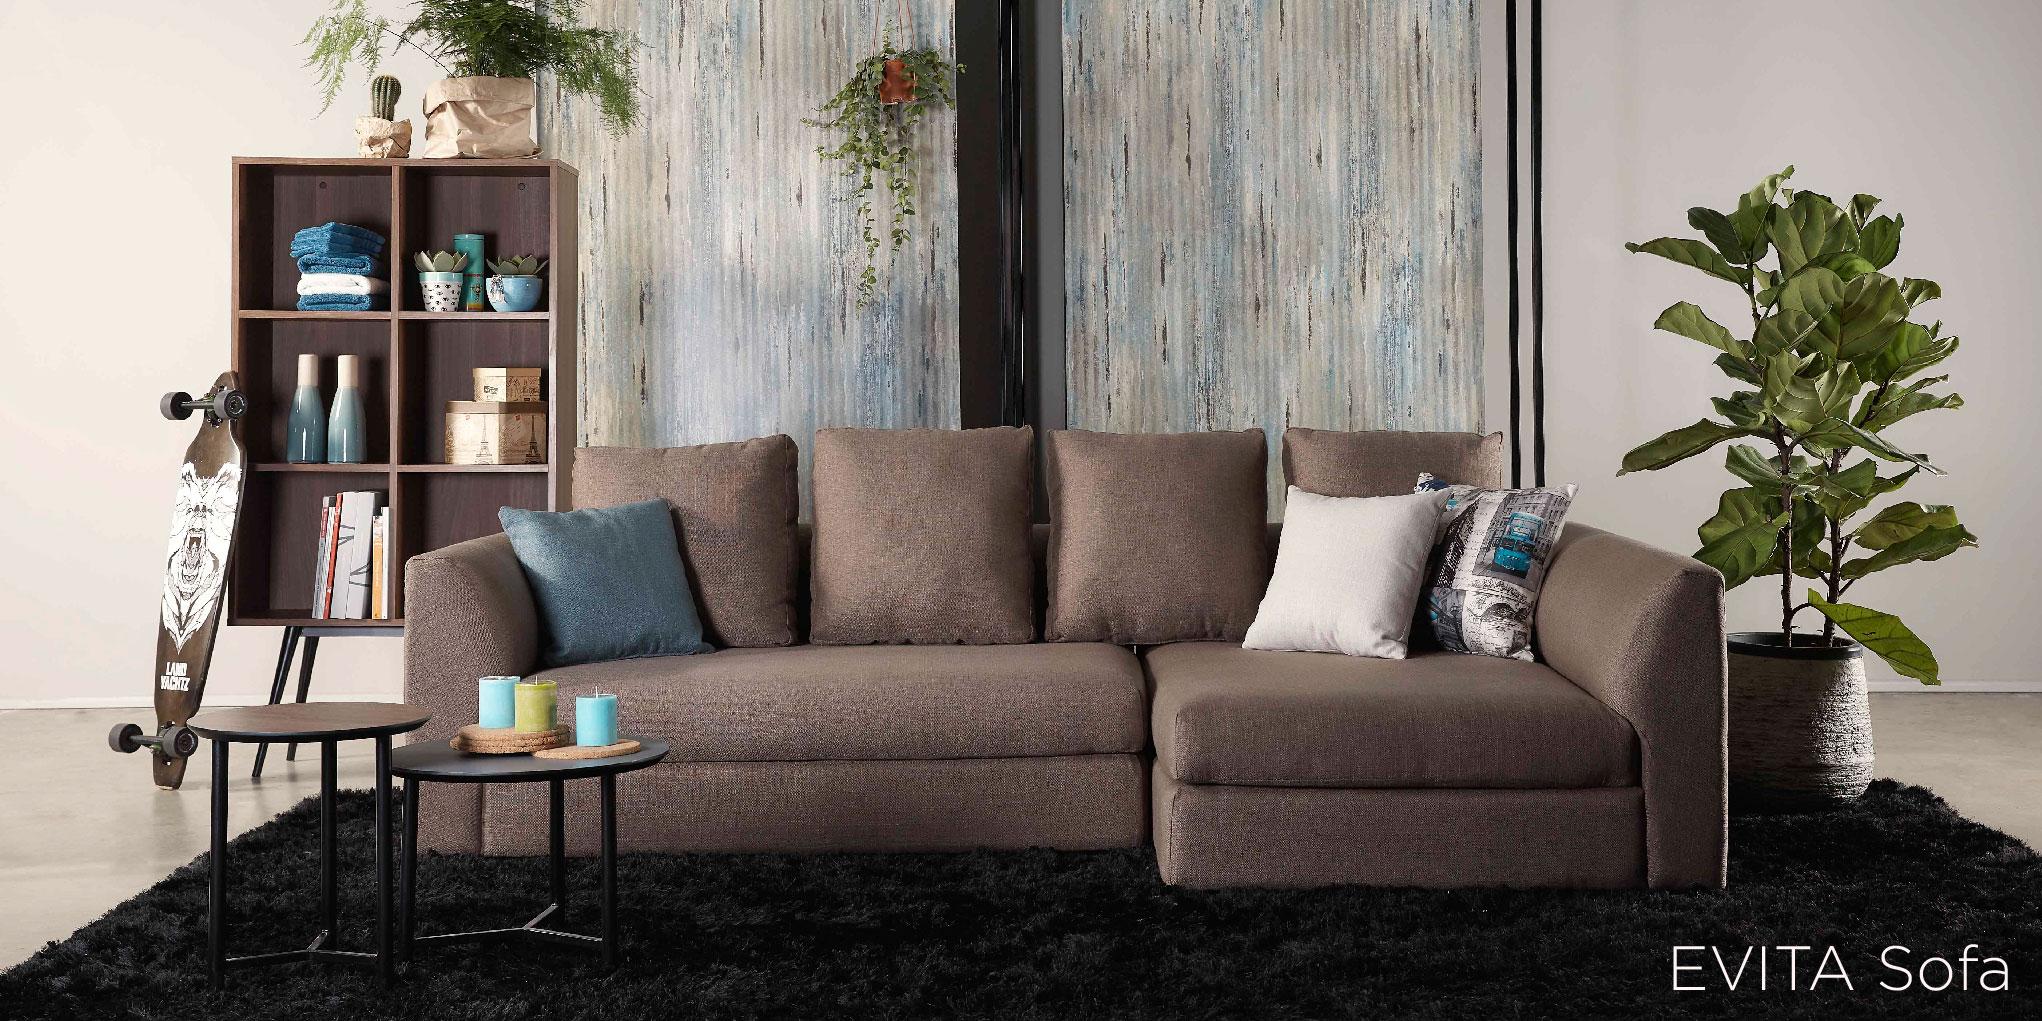 Evita sofa 01